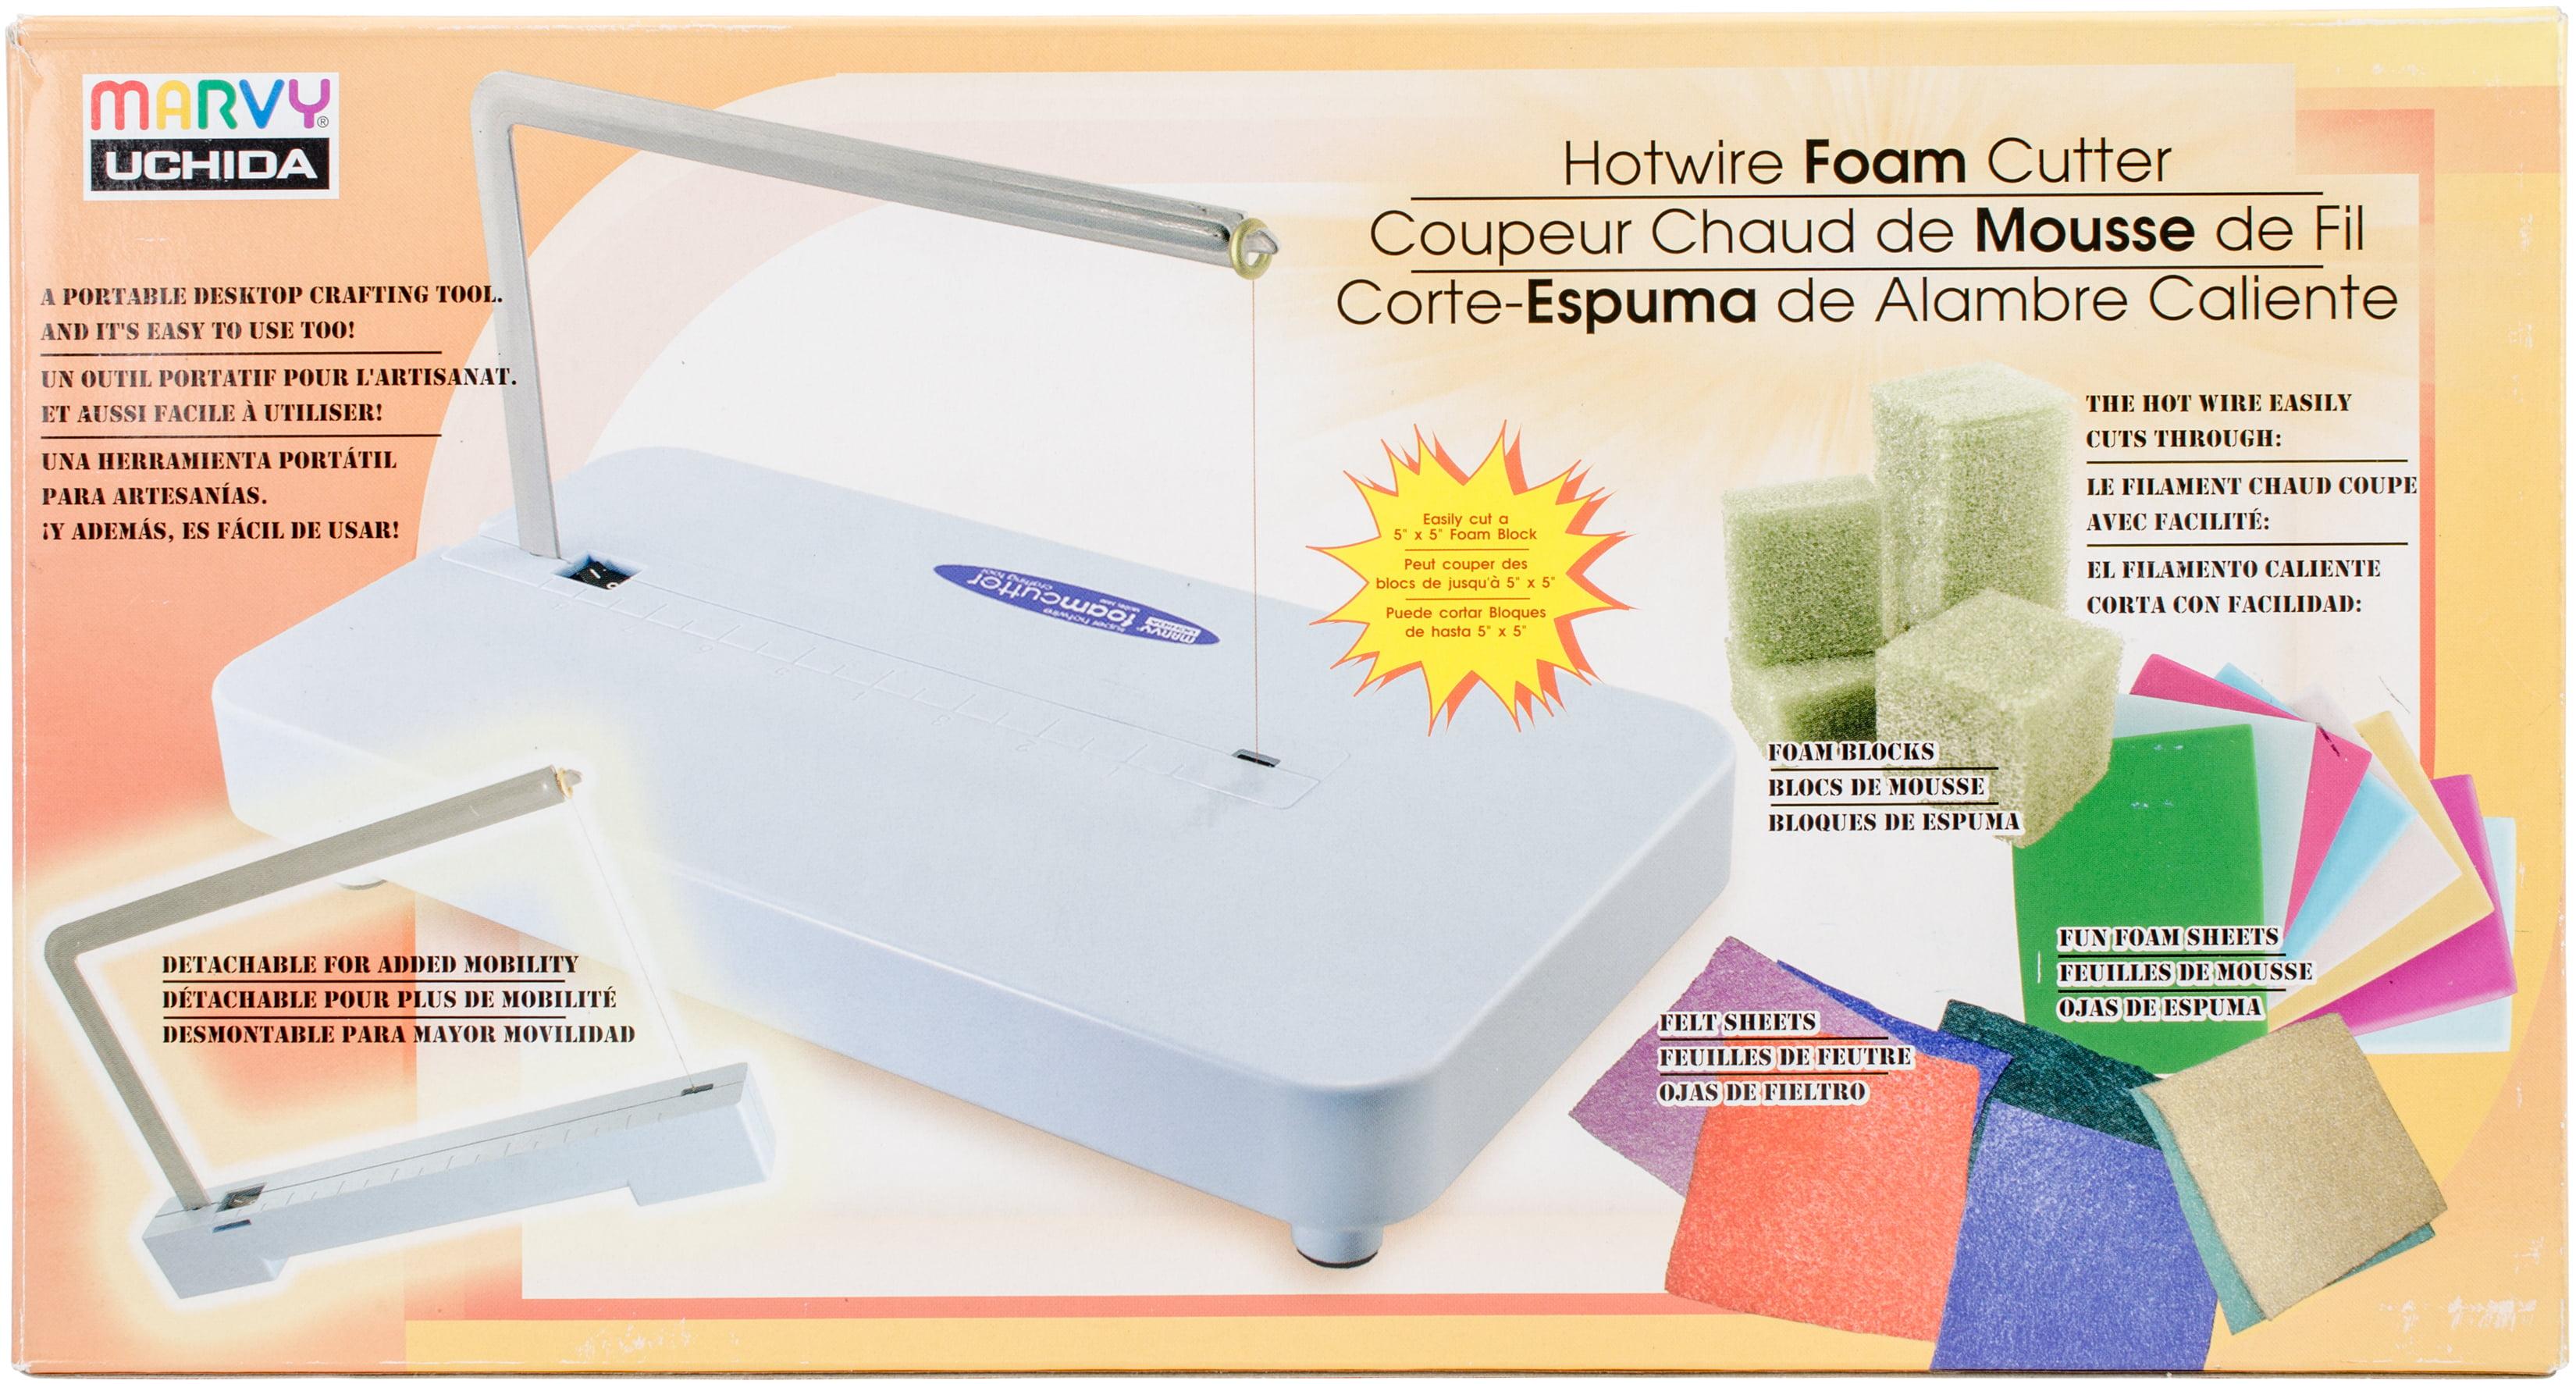 Hotwire Foam Cutter